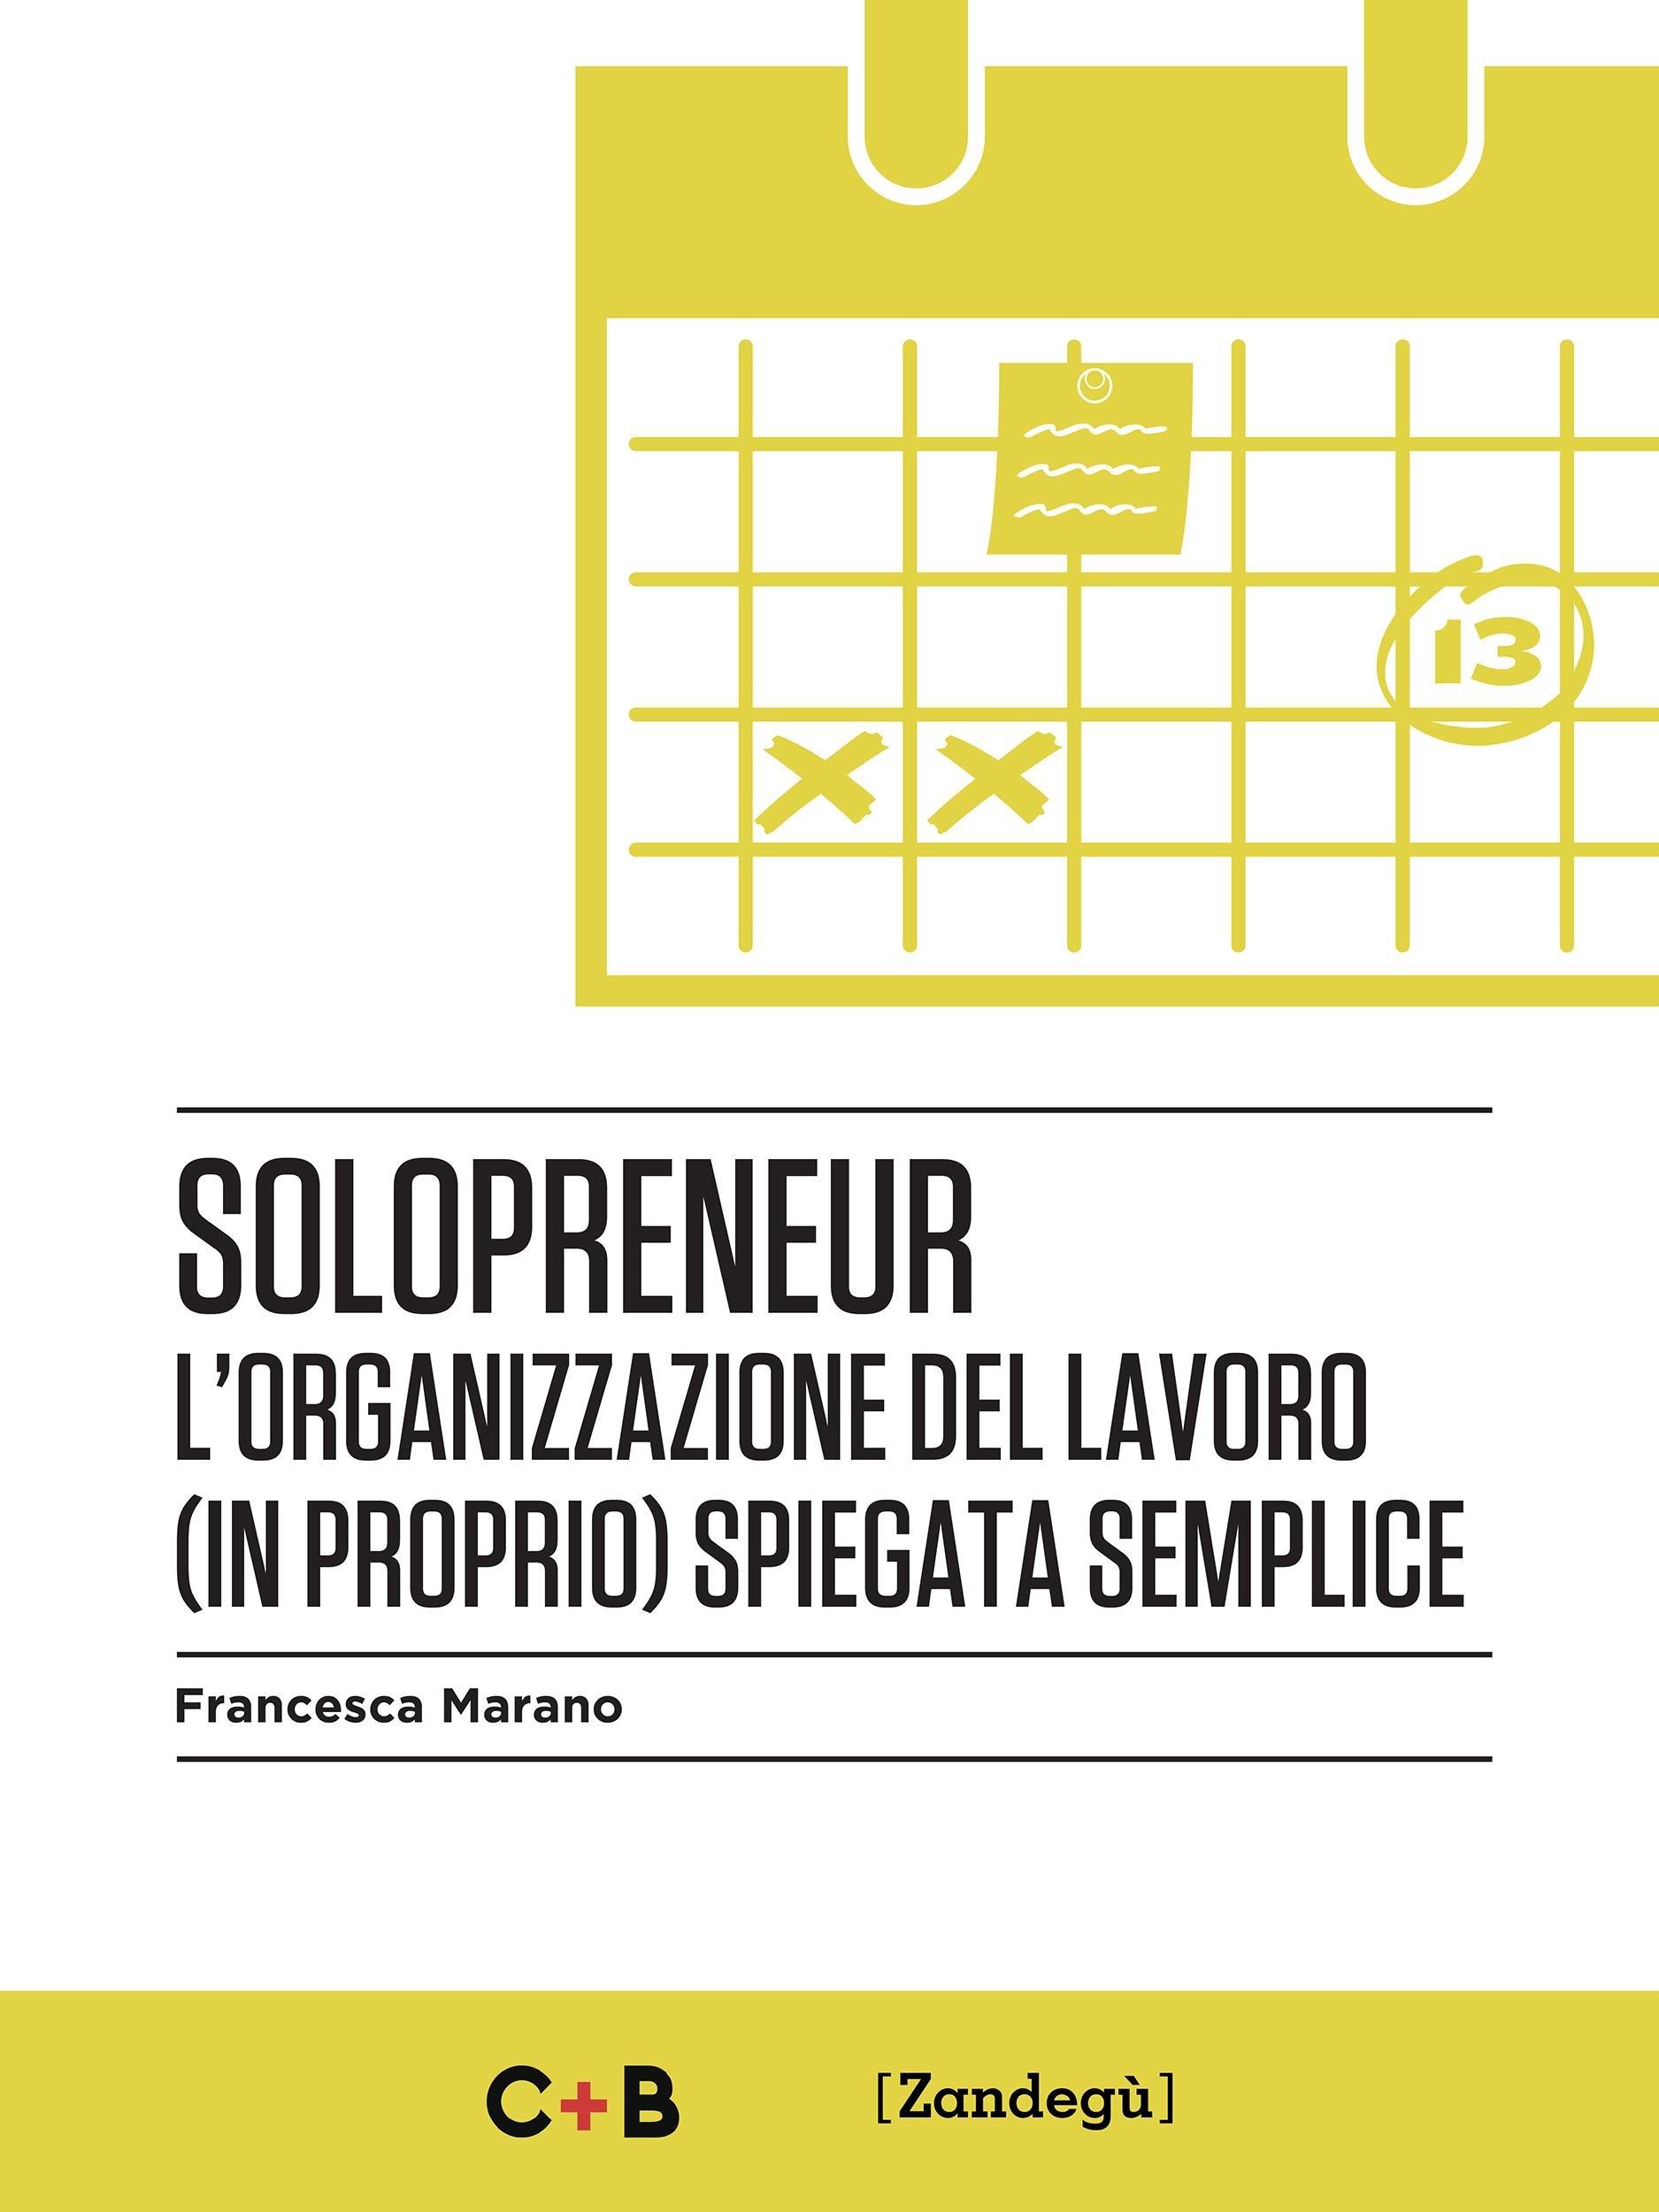 Copertina di Solopreneur